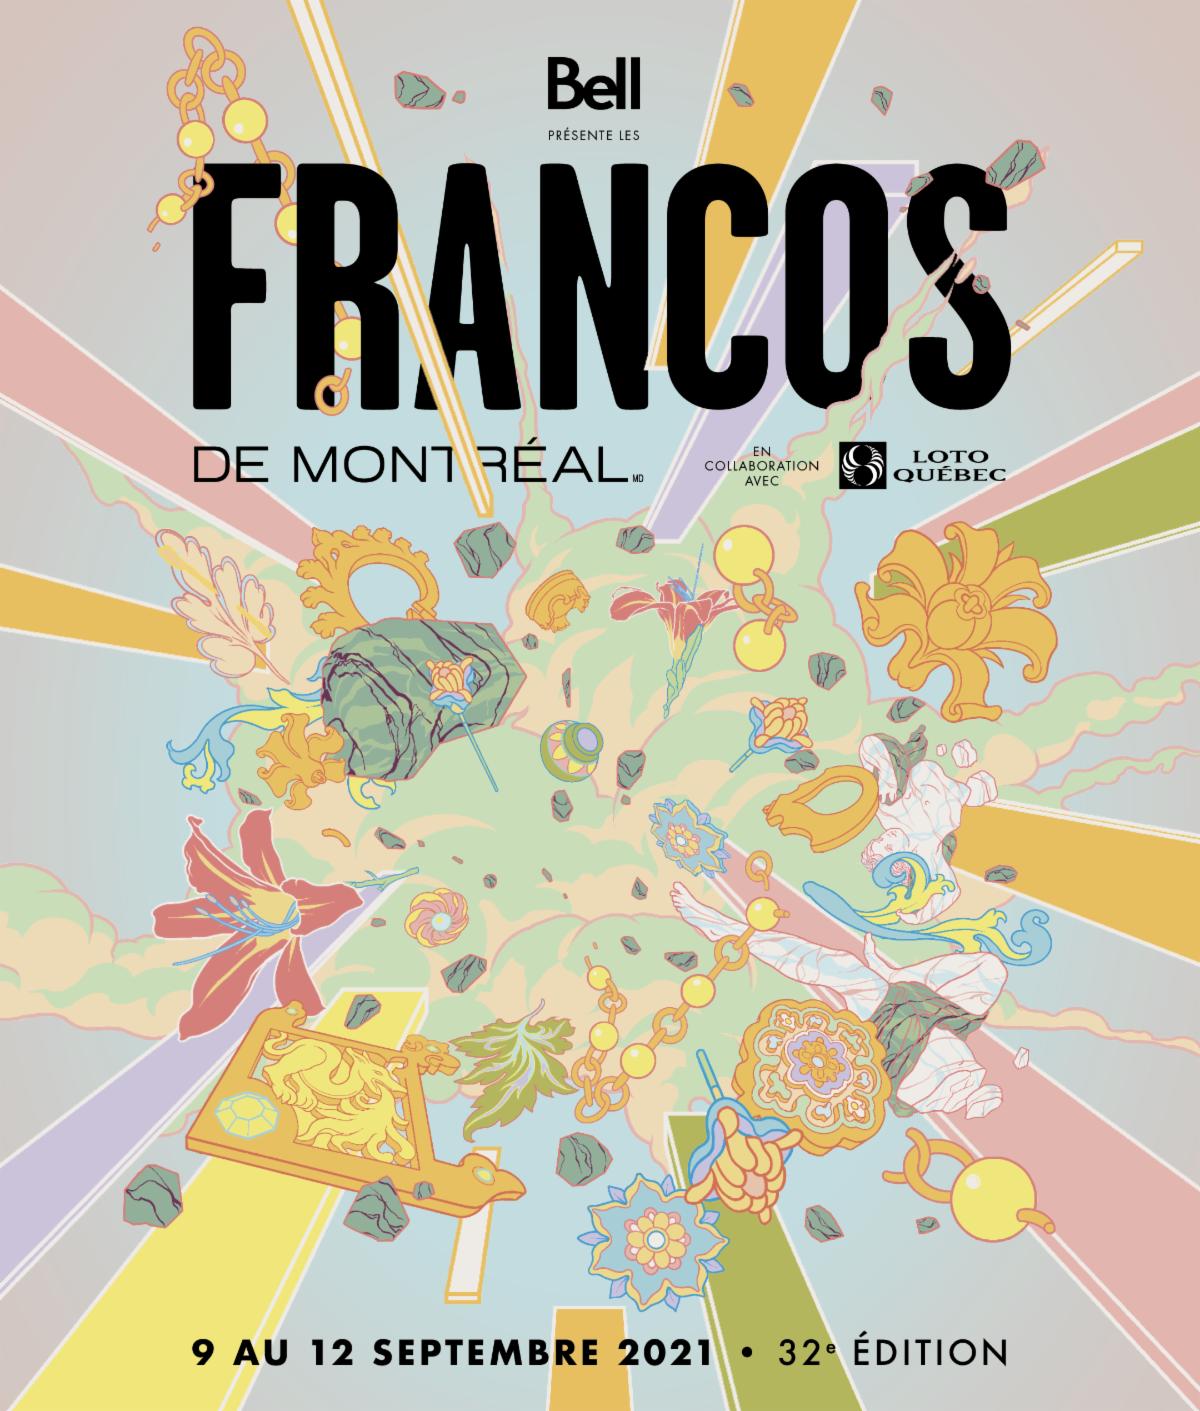 francos 2021